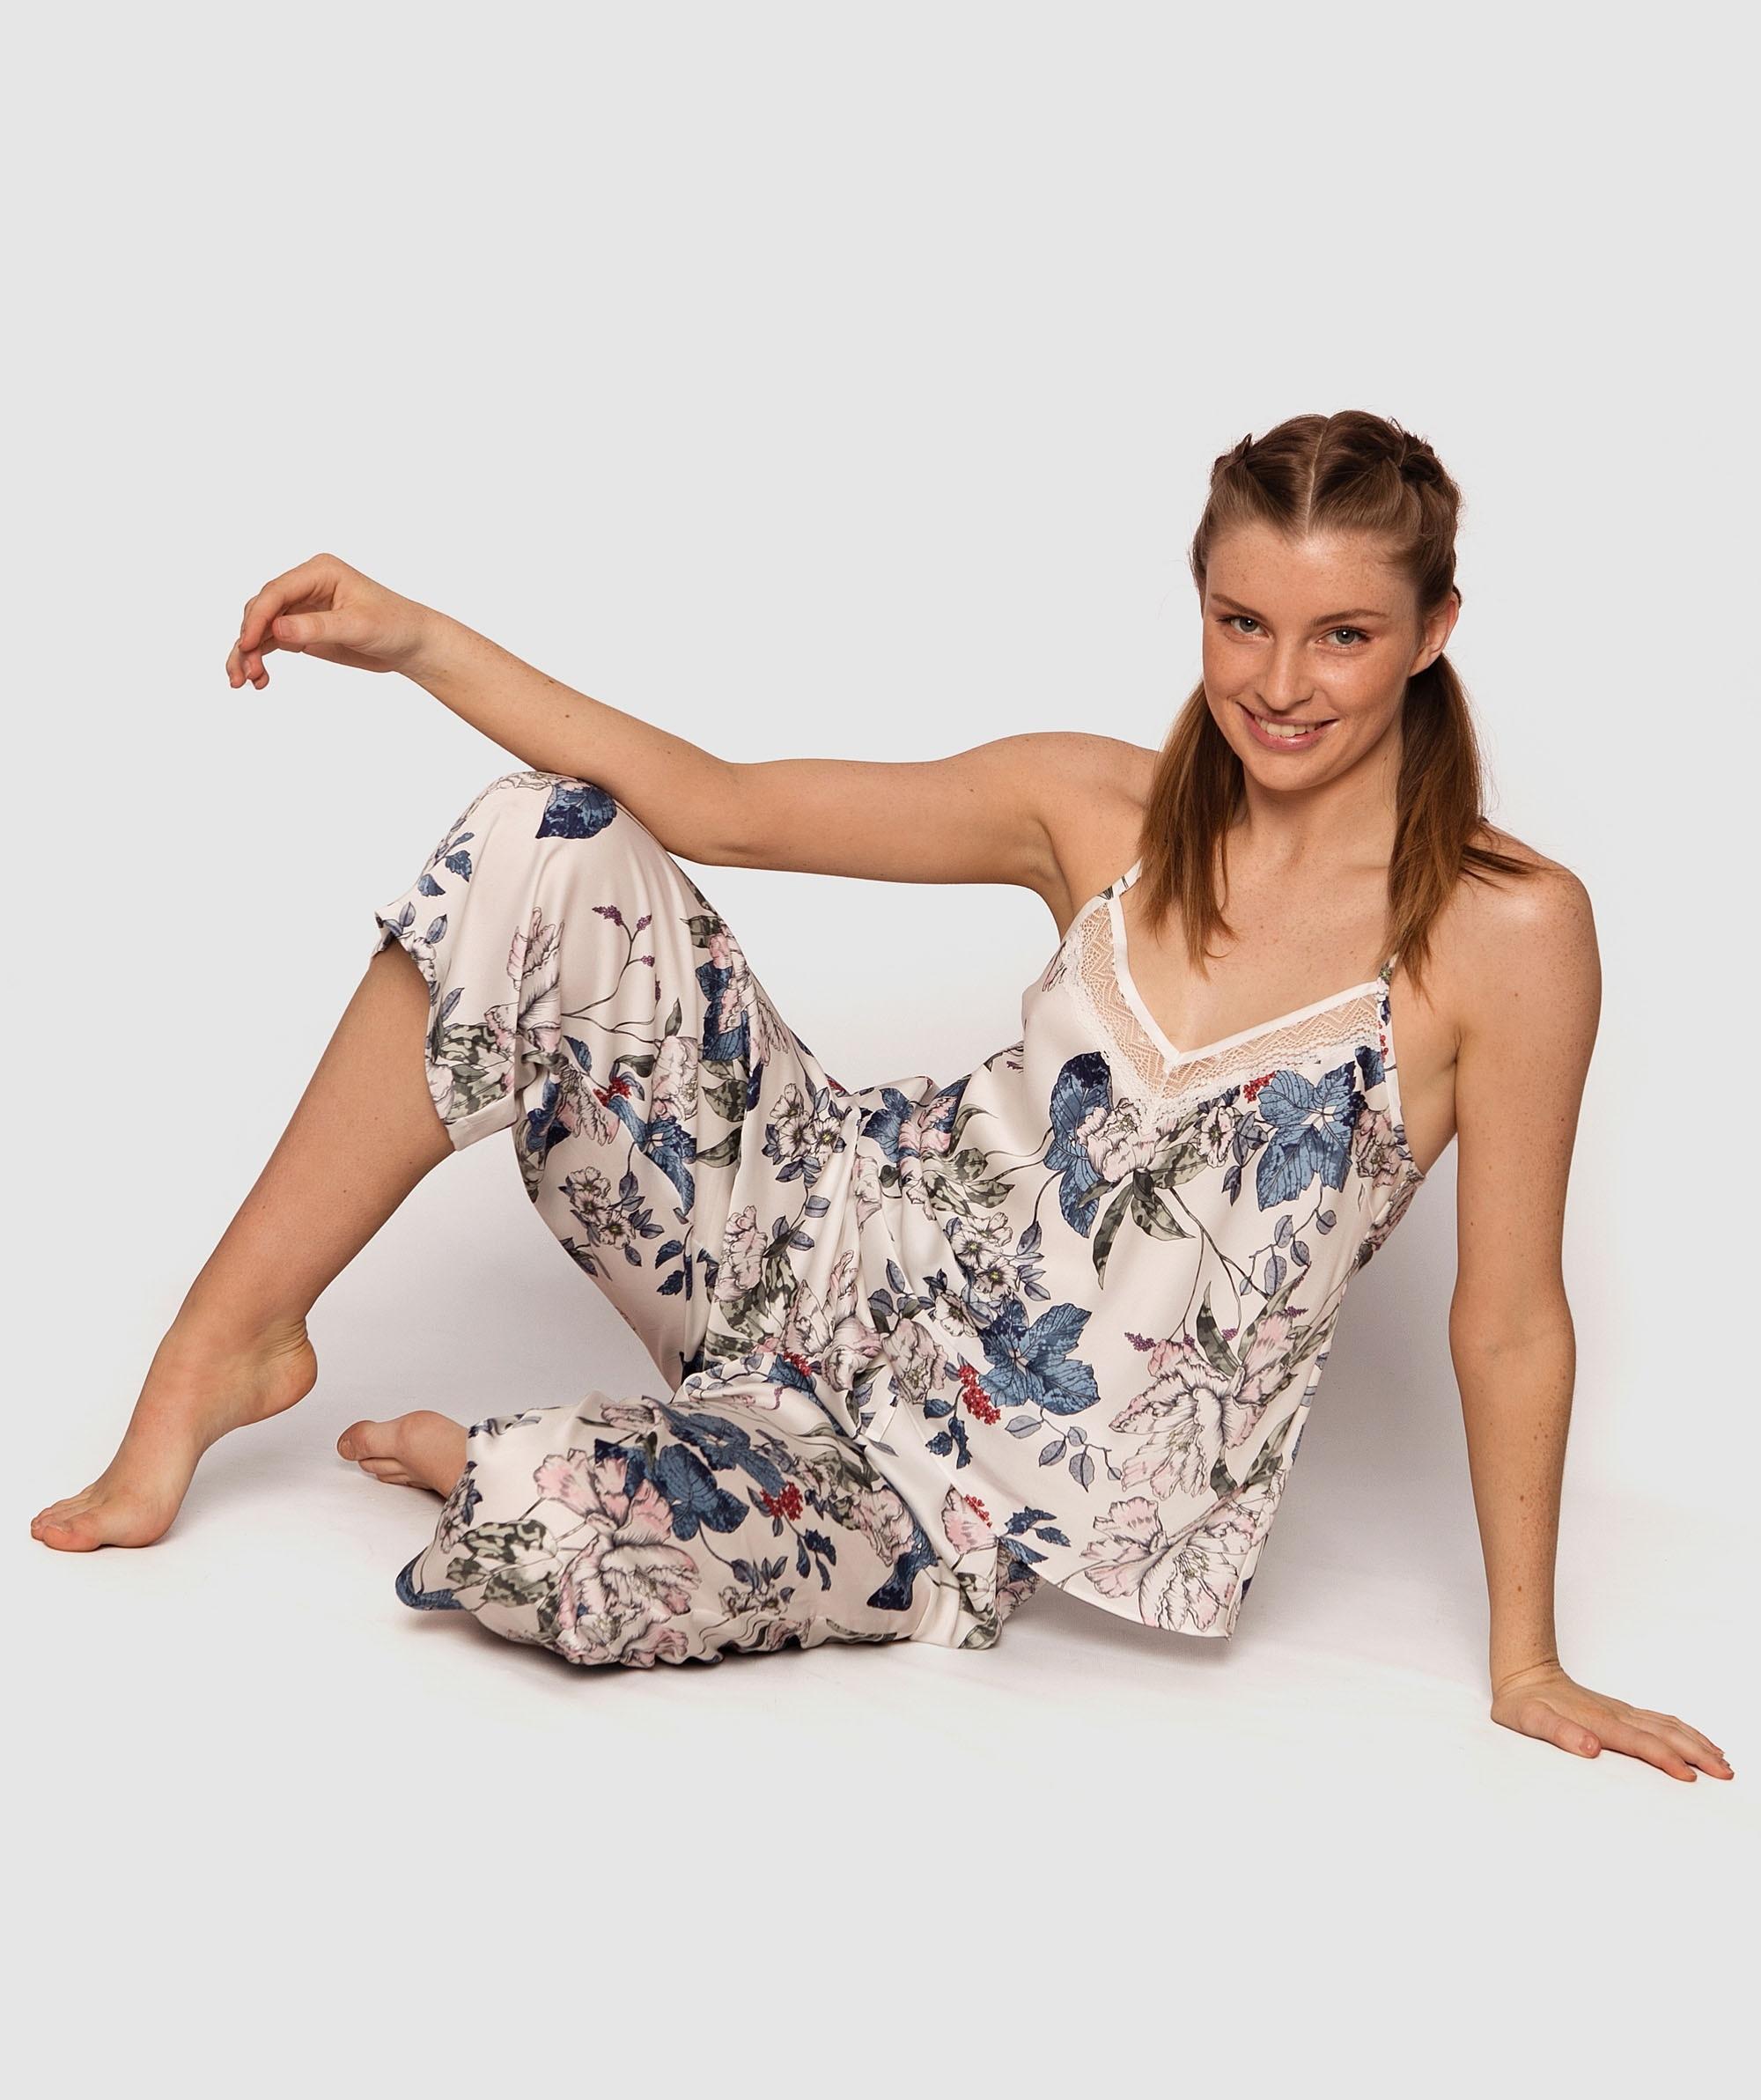 Skye 3/4 Pants - Floral Print